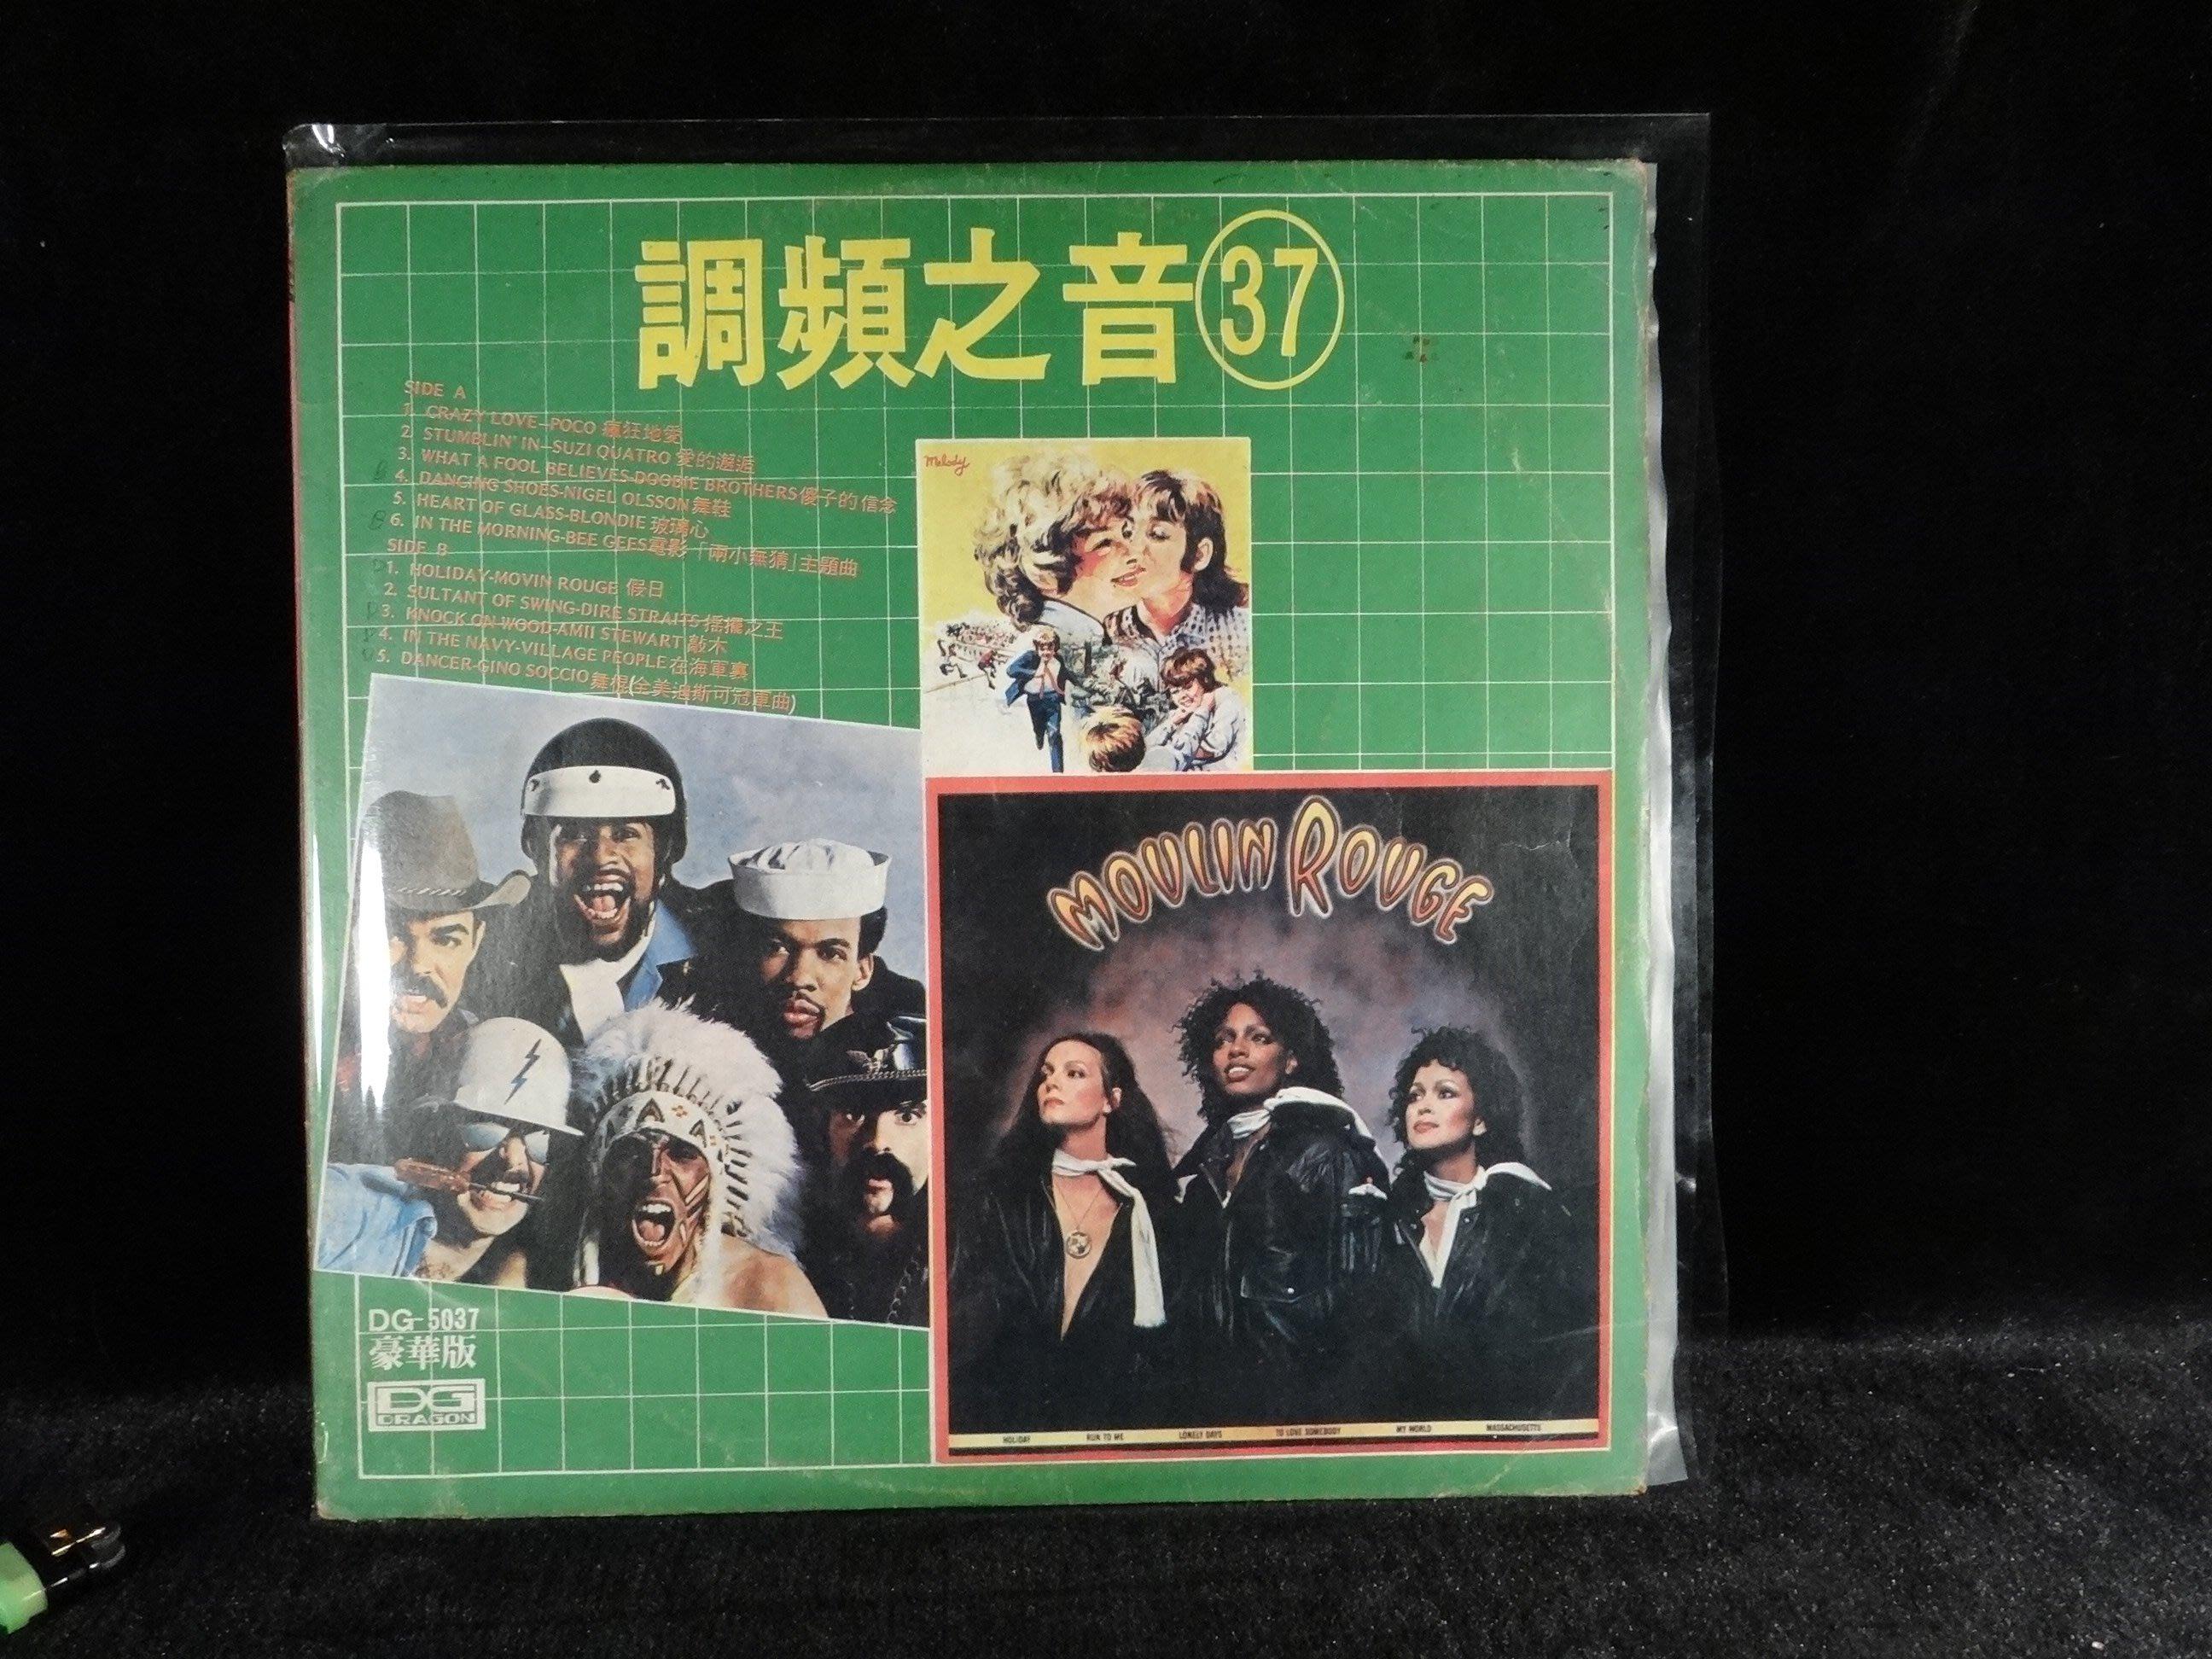 乖乖@賣場(LP黑膠唱片)12吋西洋黑膠  調頻之音37